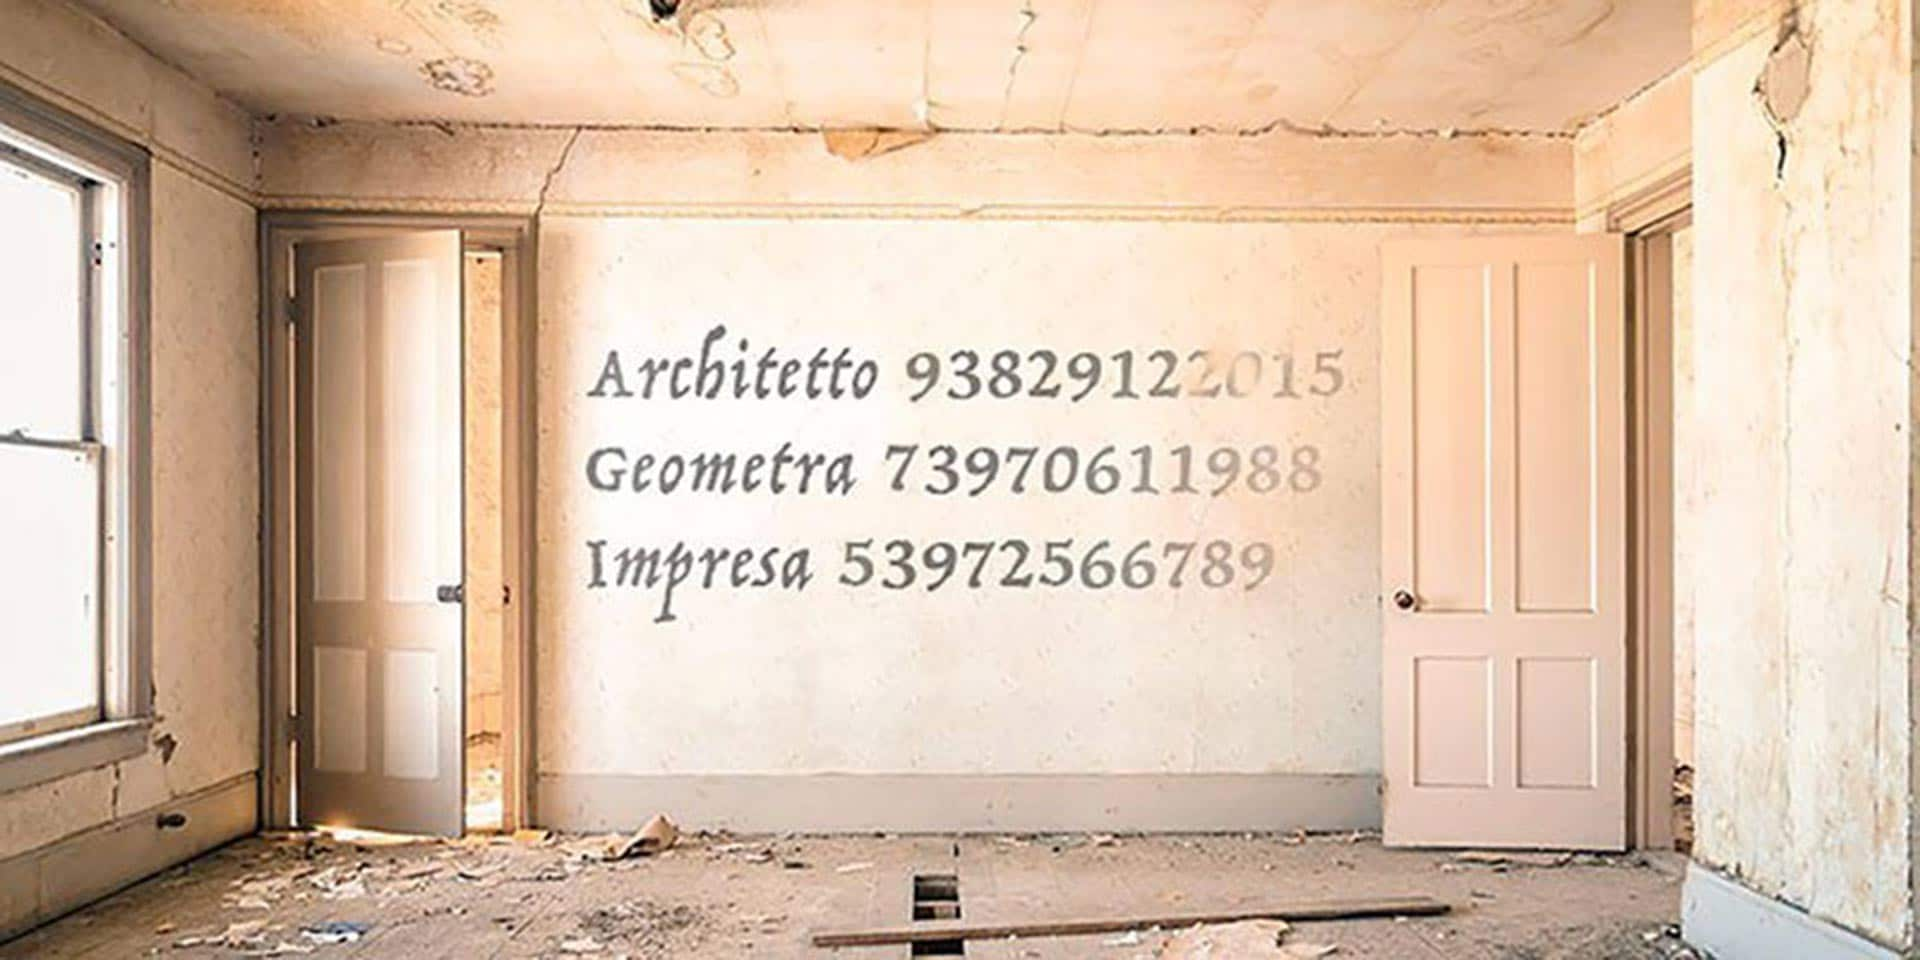 Chi chiamare per ristrutturare casa?